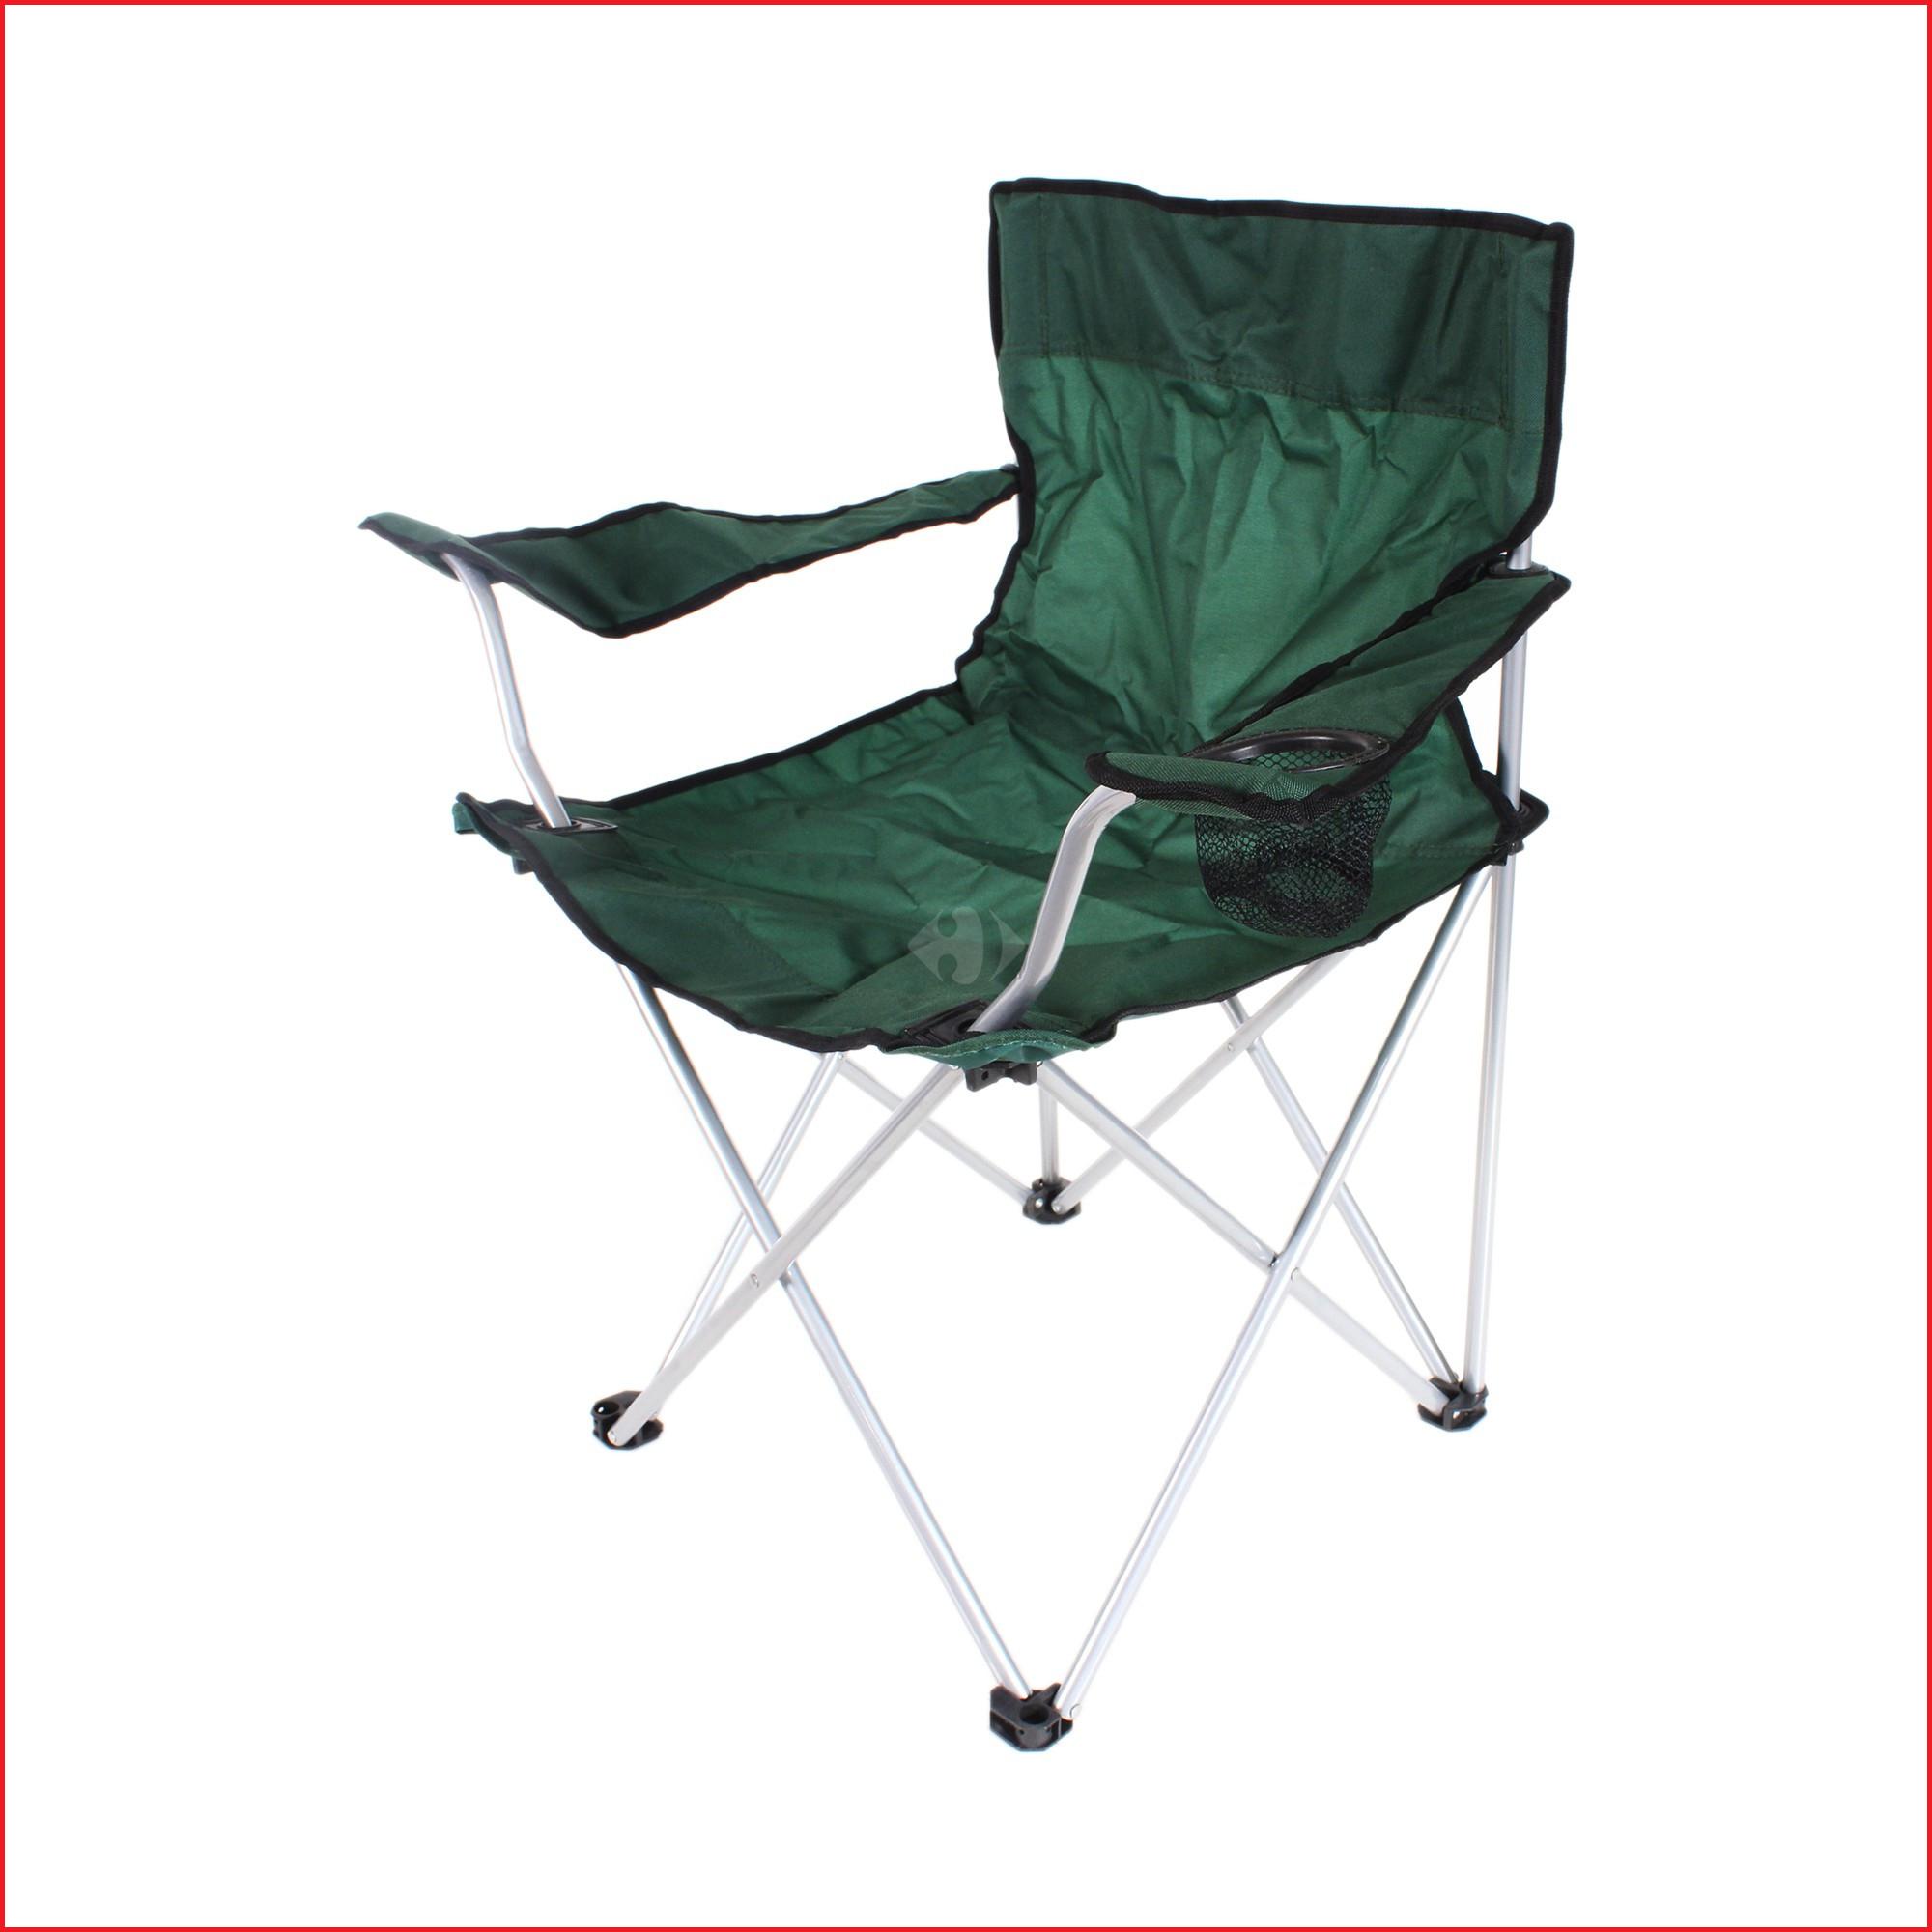 Alcampo Sillas Plegables E6d5 Sillas Alcampo 6990 Lovely Silla Plegable Camping Carrefour 7023